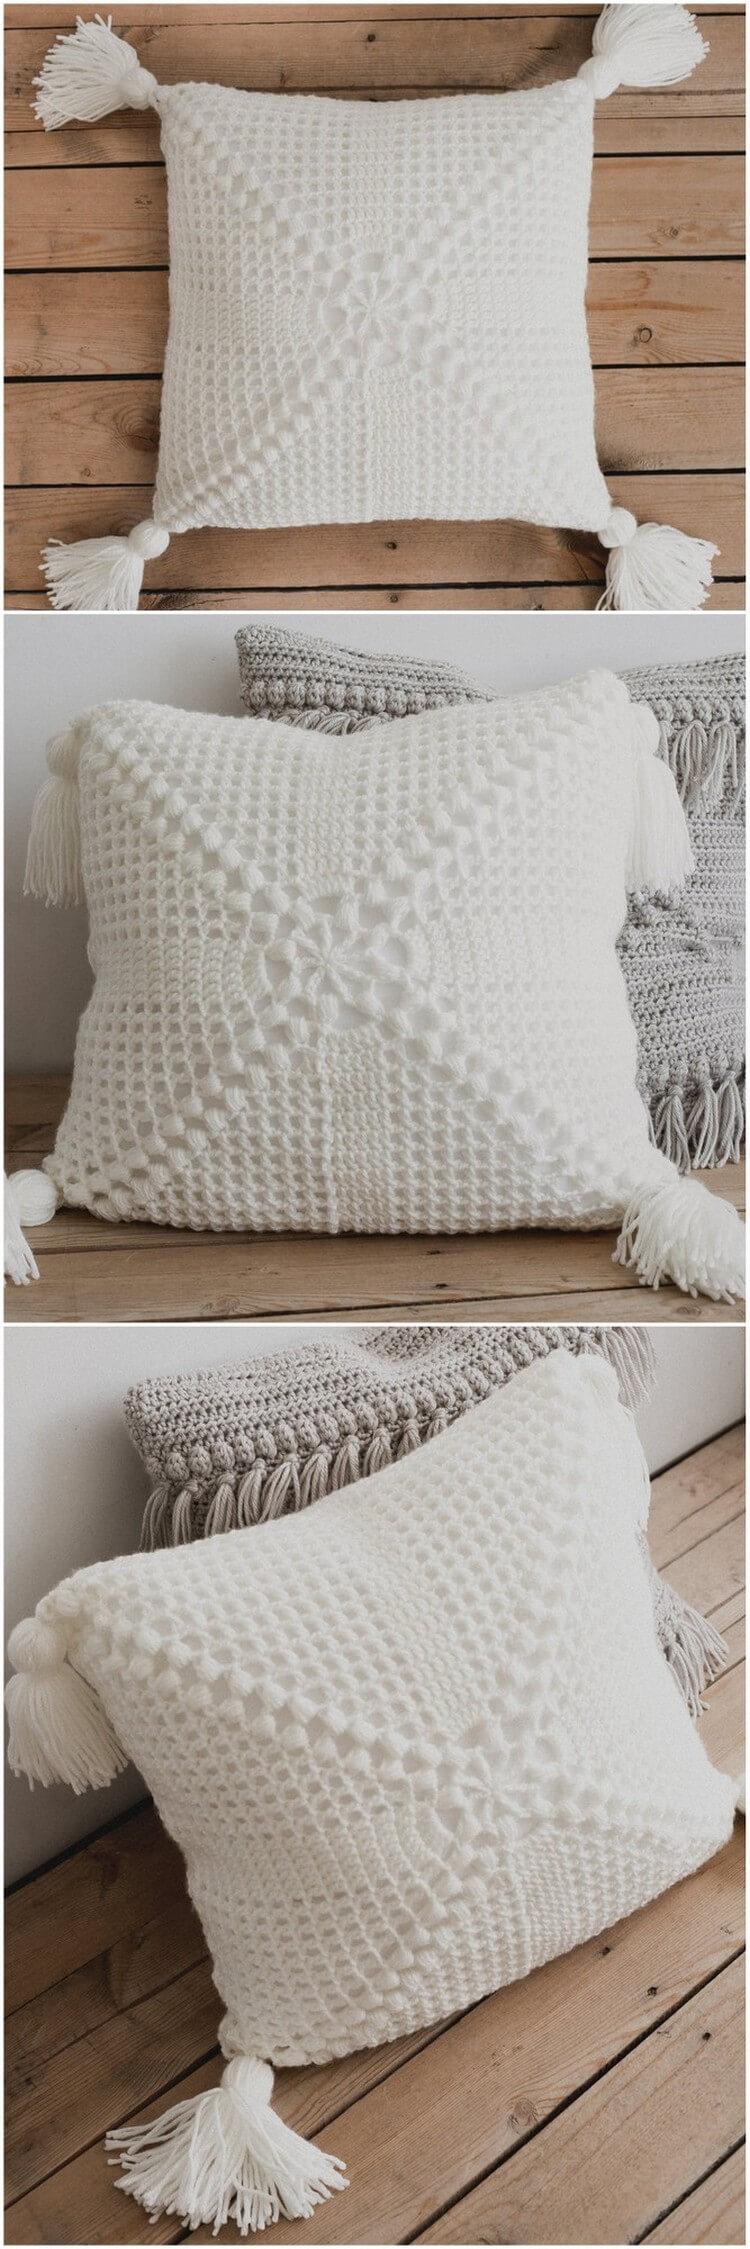 Crochet Pillow Pattern (9)